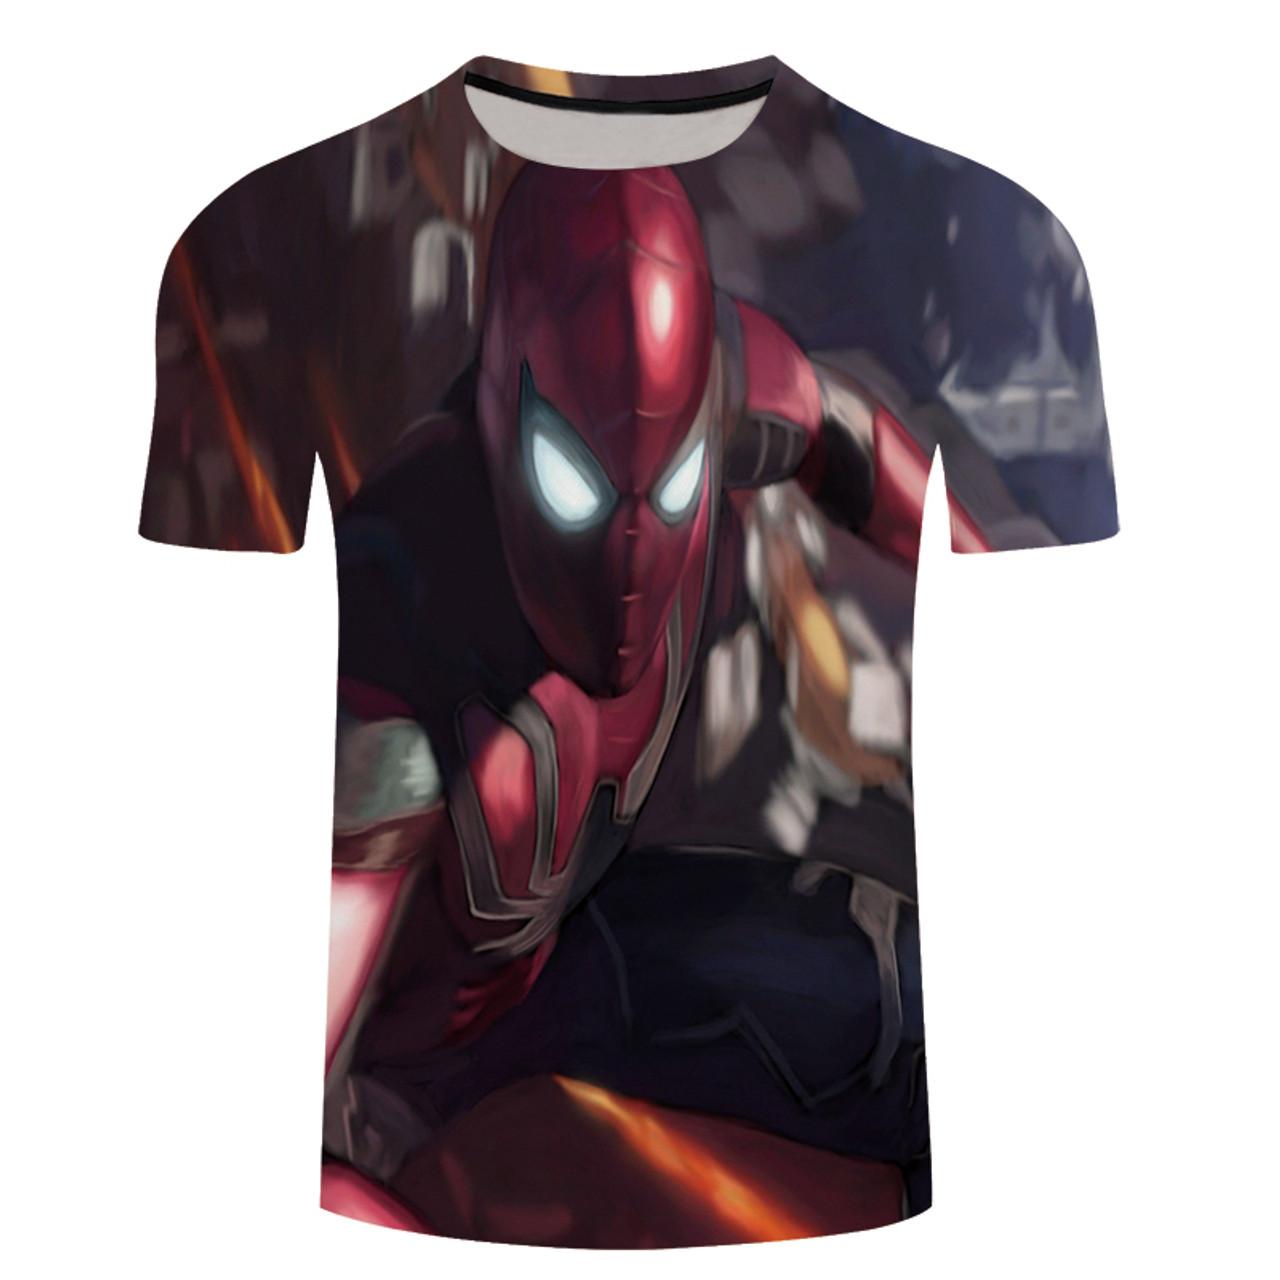 d2cca596d54497 2018 Avengers 3 Iron spider man 3D Print T-shirt Men/Women Marvel Superhero  ...